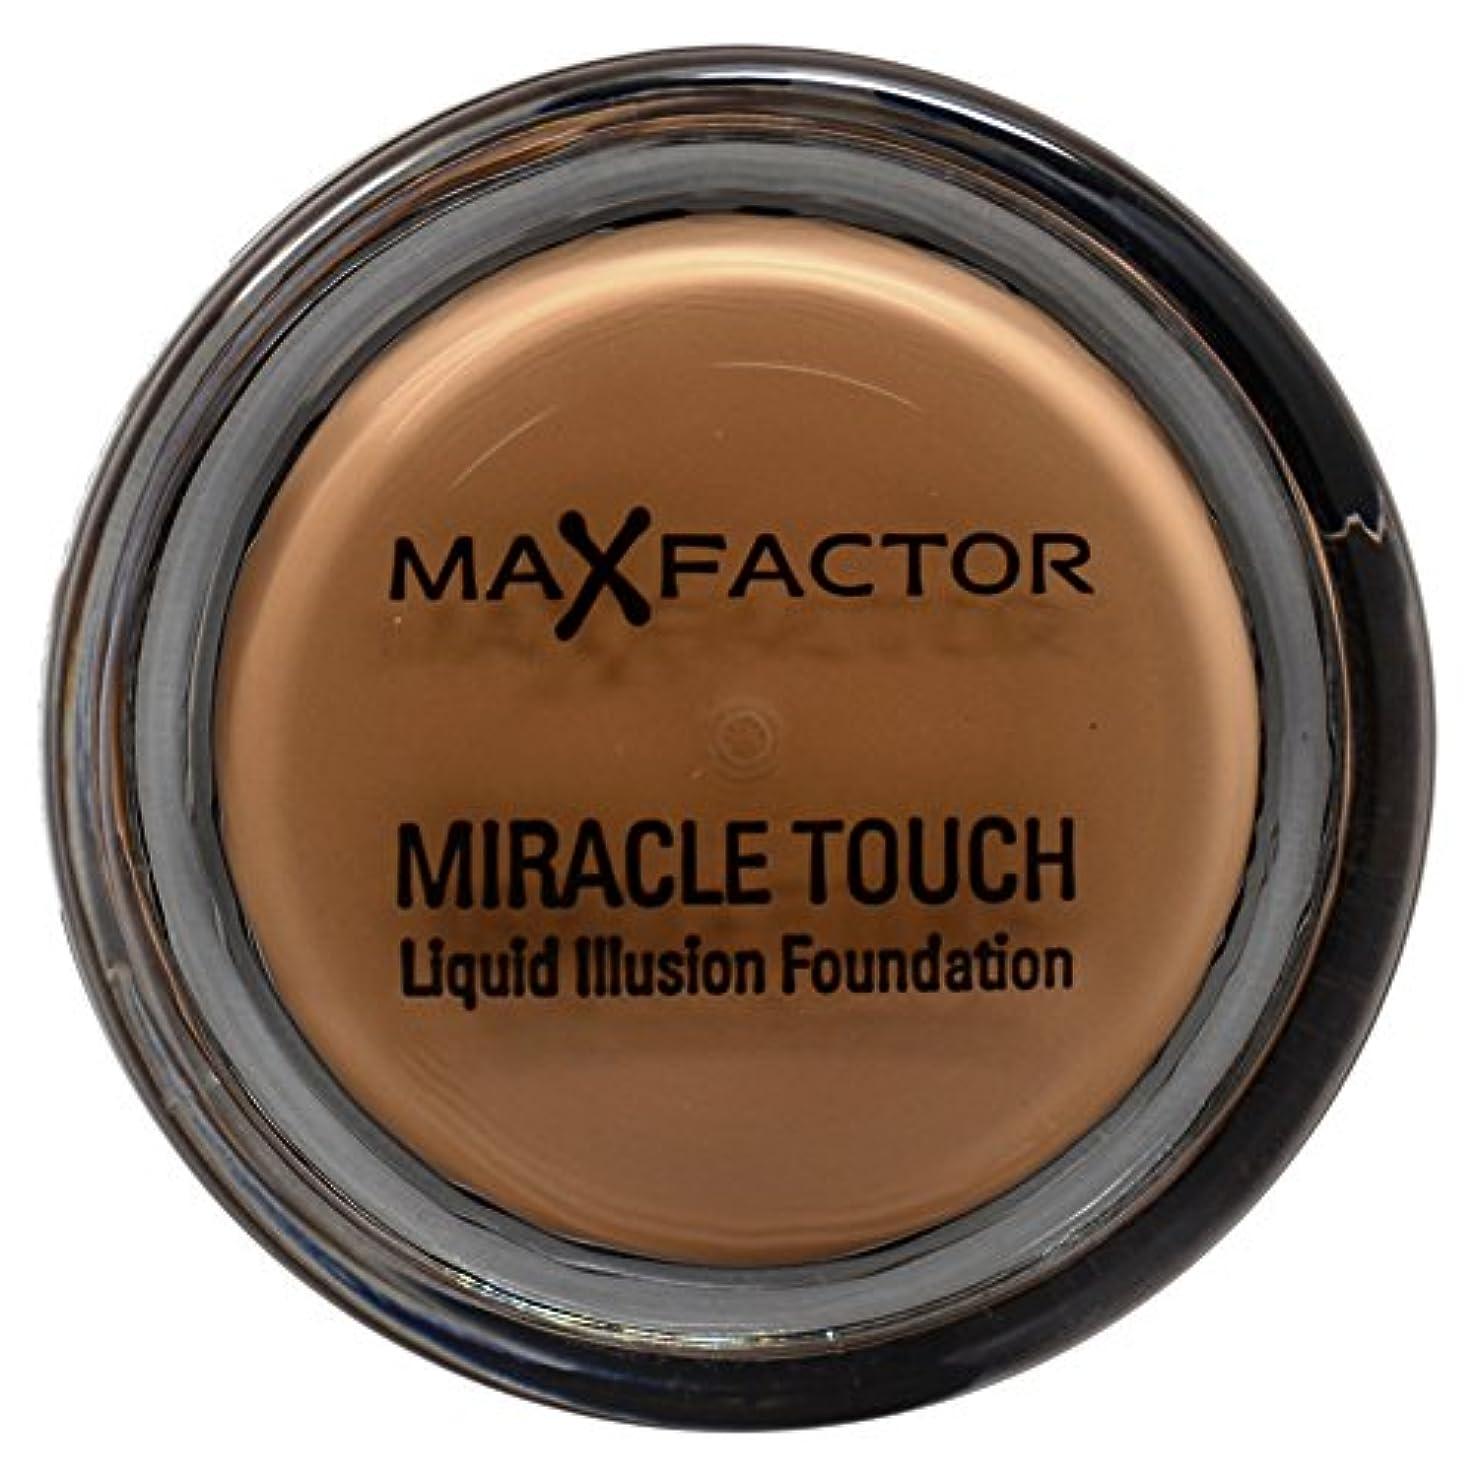 ダイアクリティカル順番その後マックス ファクター ミラクル タッチ スキン スムーズ ファウンデーション - ブロンズ Max Factor Miracle Touch Skin Smoothing Foundation - Bronze 080...